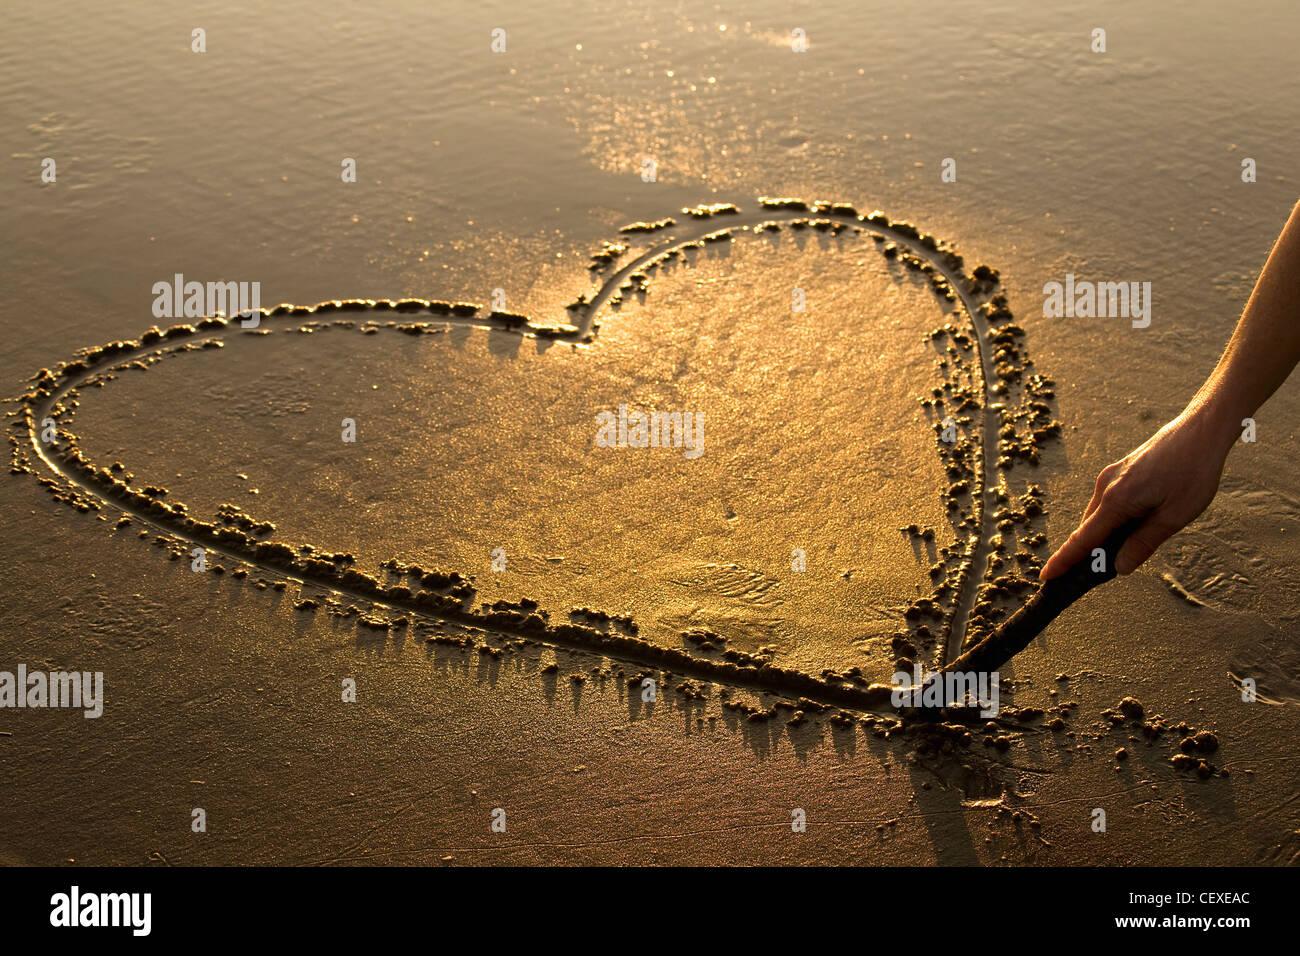 Herzform geätzt in den Sand am Strand bei Sonnenuntergang mit einer weiblichen Hand hält einen Stock; Stockbild